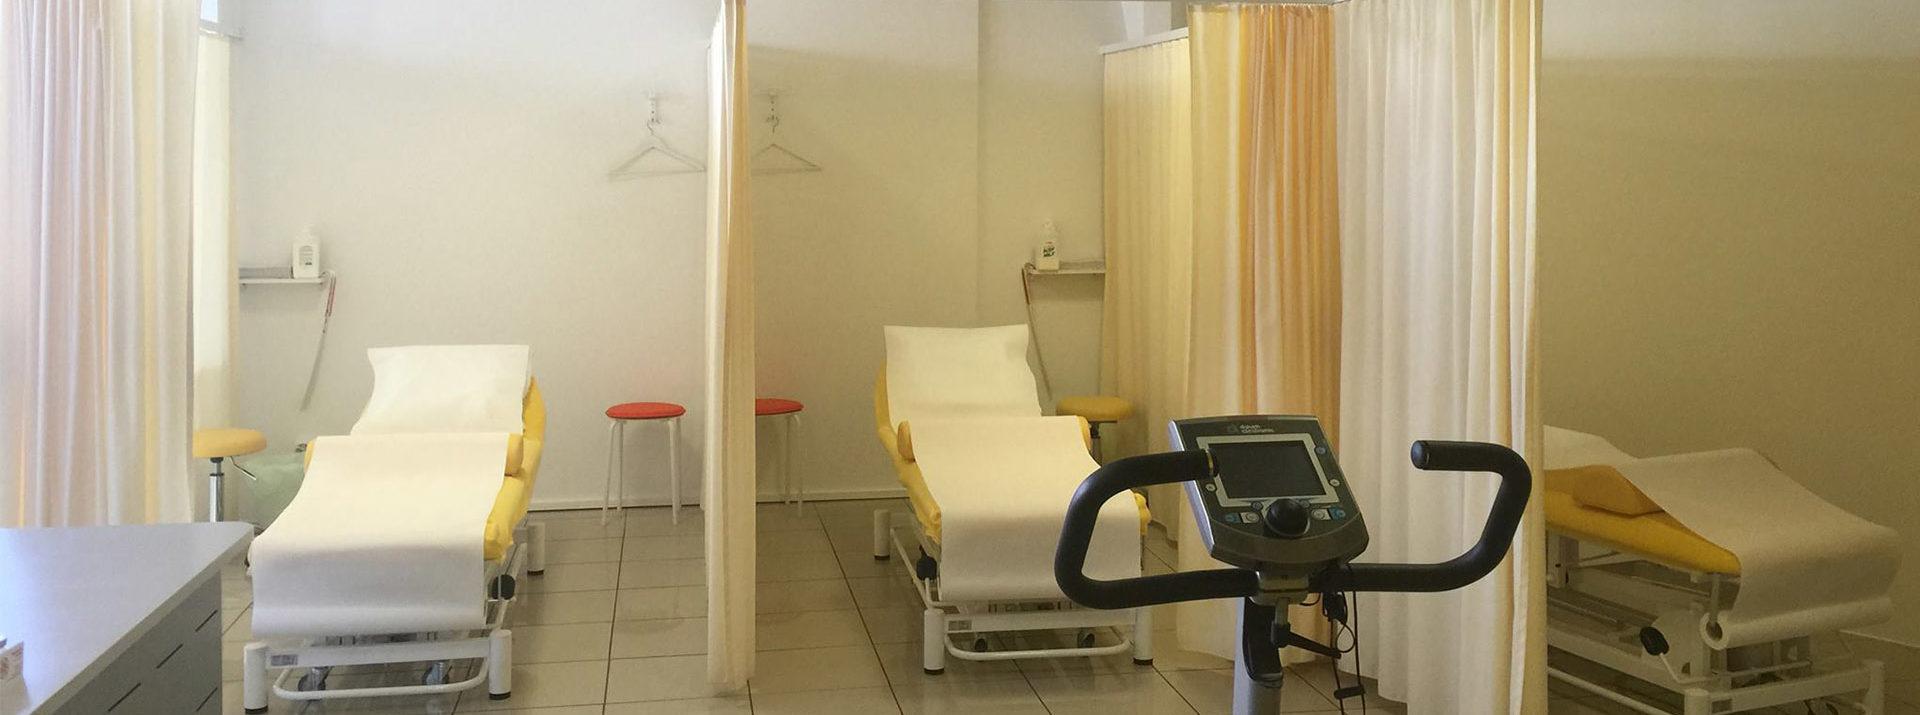 Servizio di fisioterapia riconosciuto da tutte le casse malati